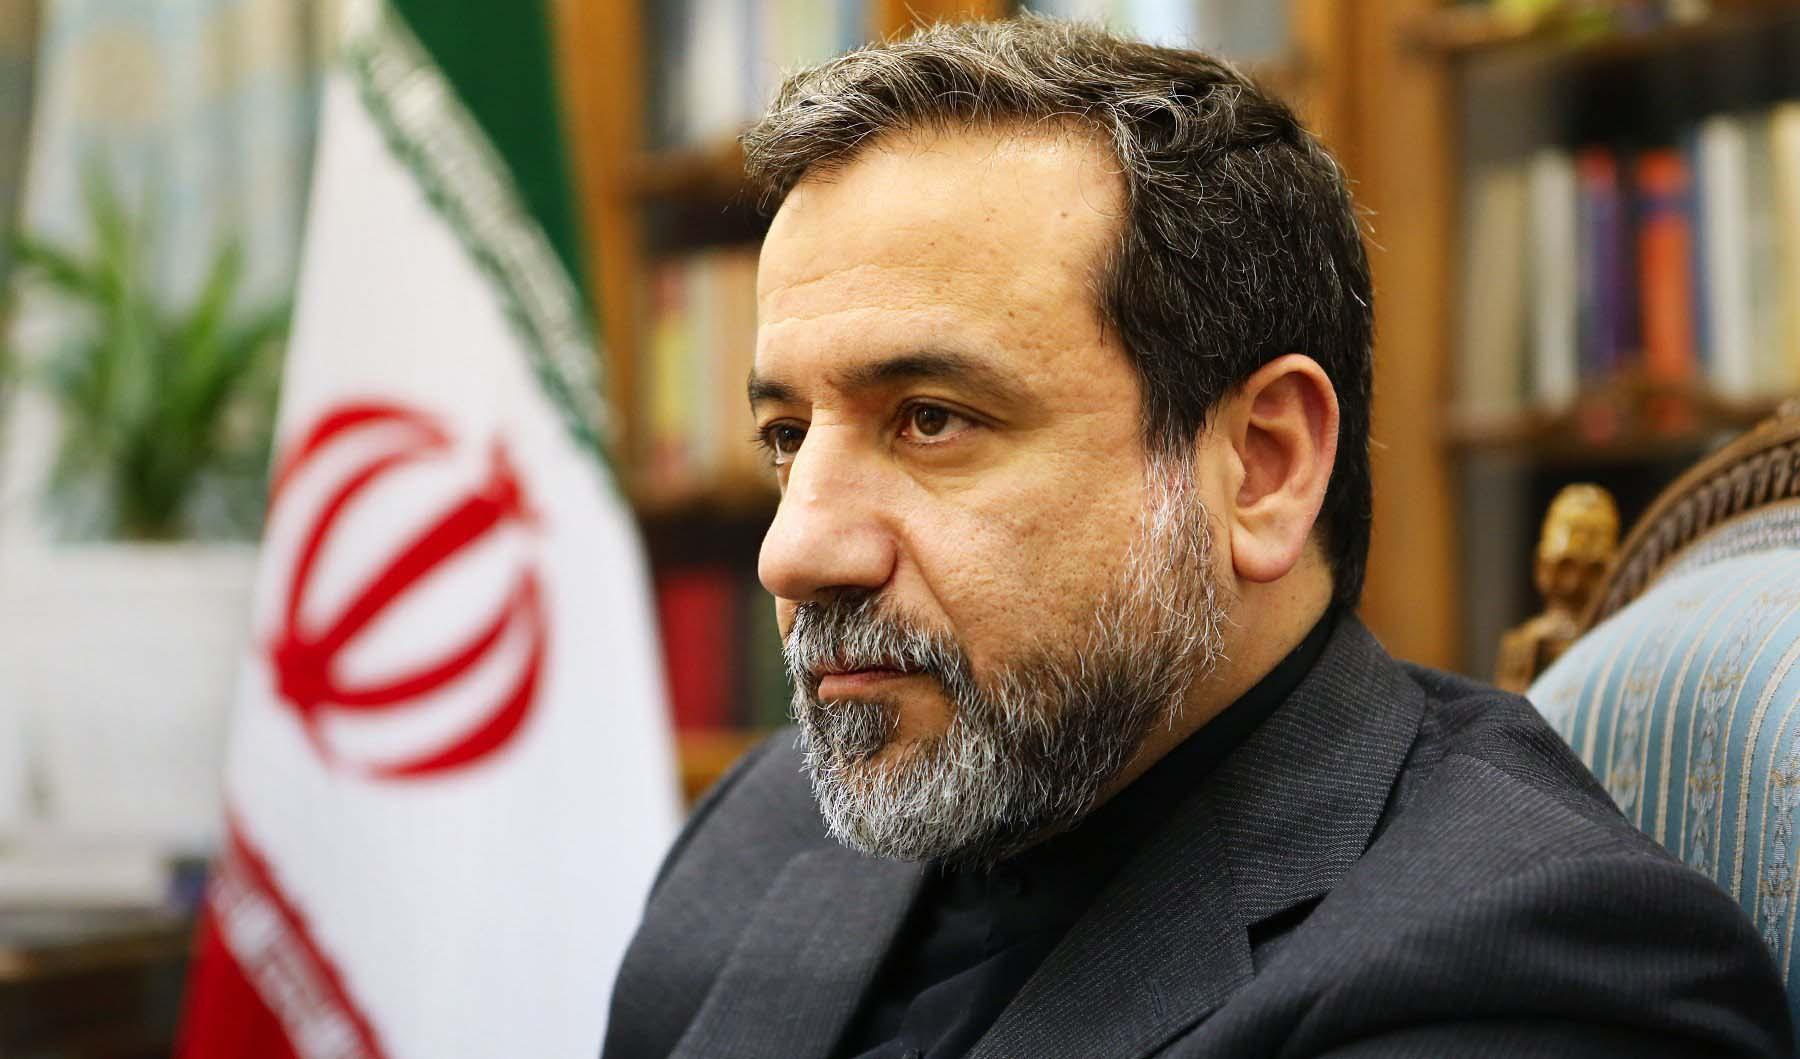 جنگ اقتصادی آمریکا علیه مردم ایران باعث تنش در منطقه شده است